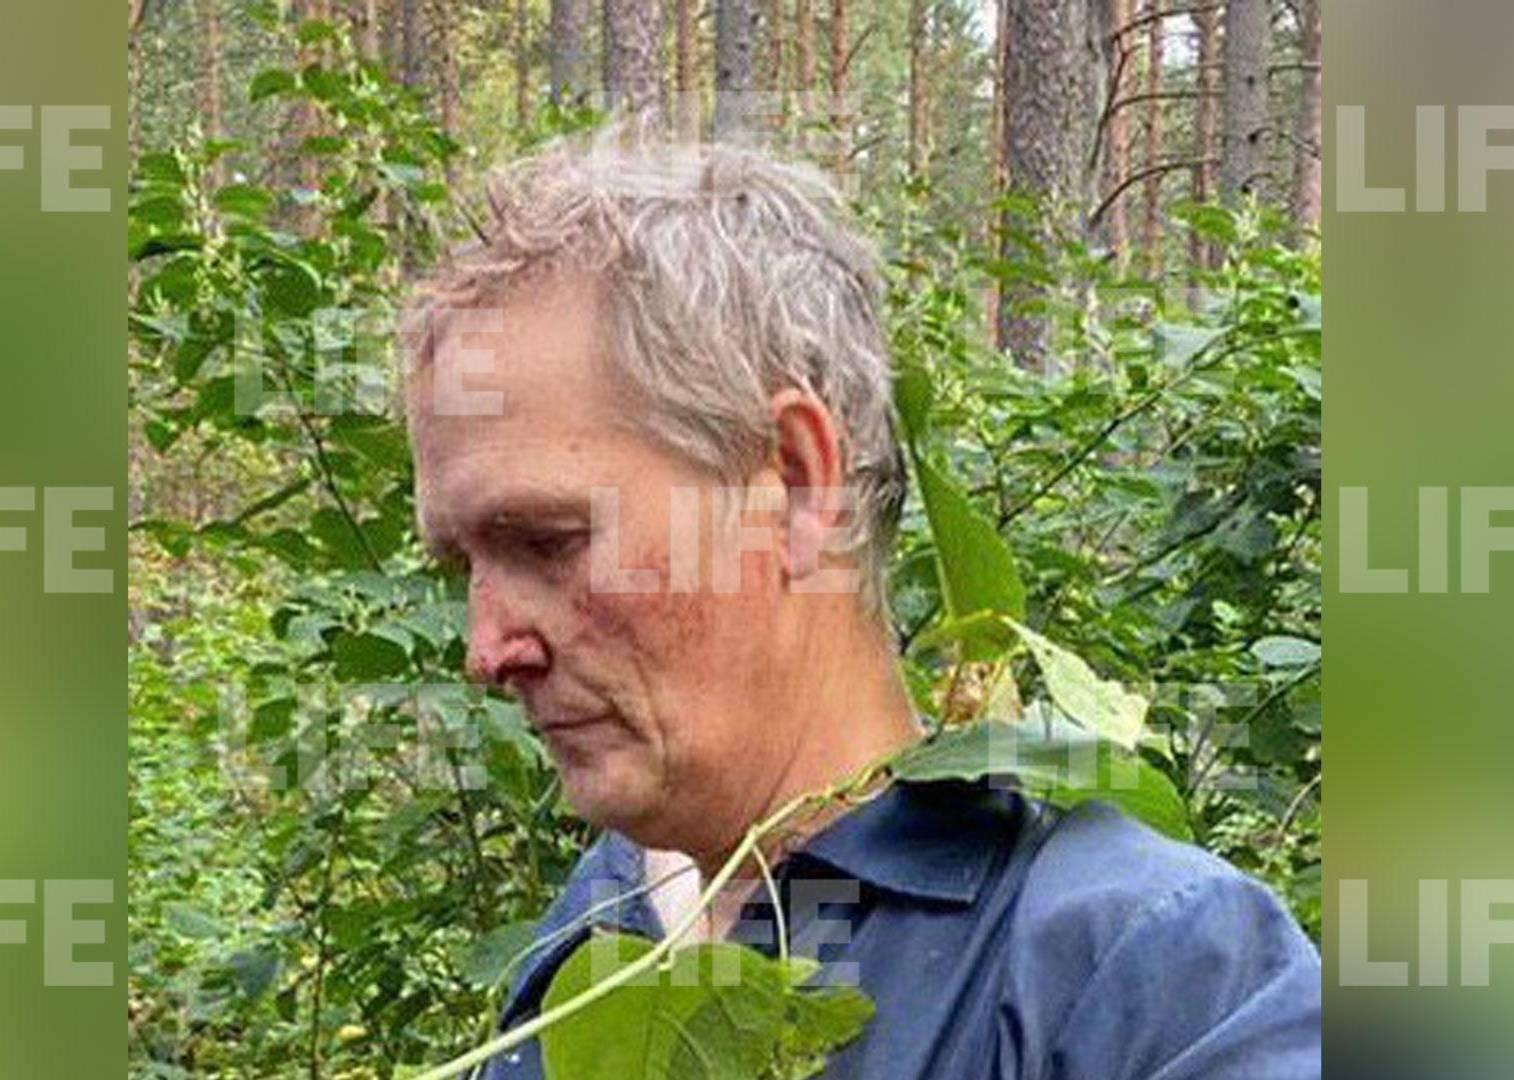 В крови и растрёпанный. Лайф публикует первое фото депутата после задержания за убийство жены